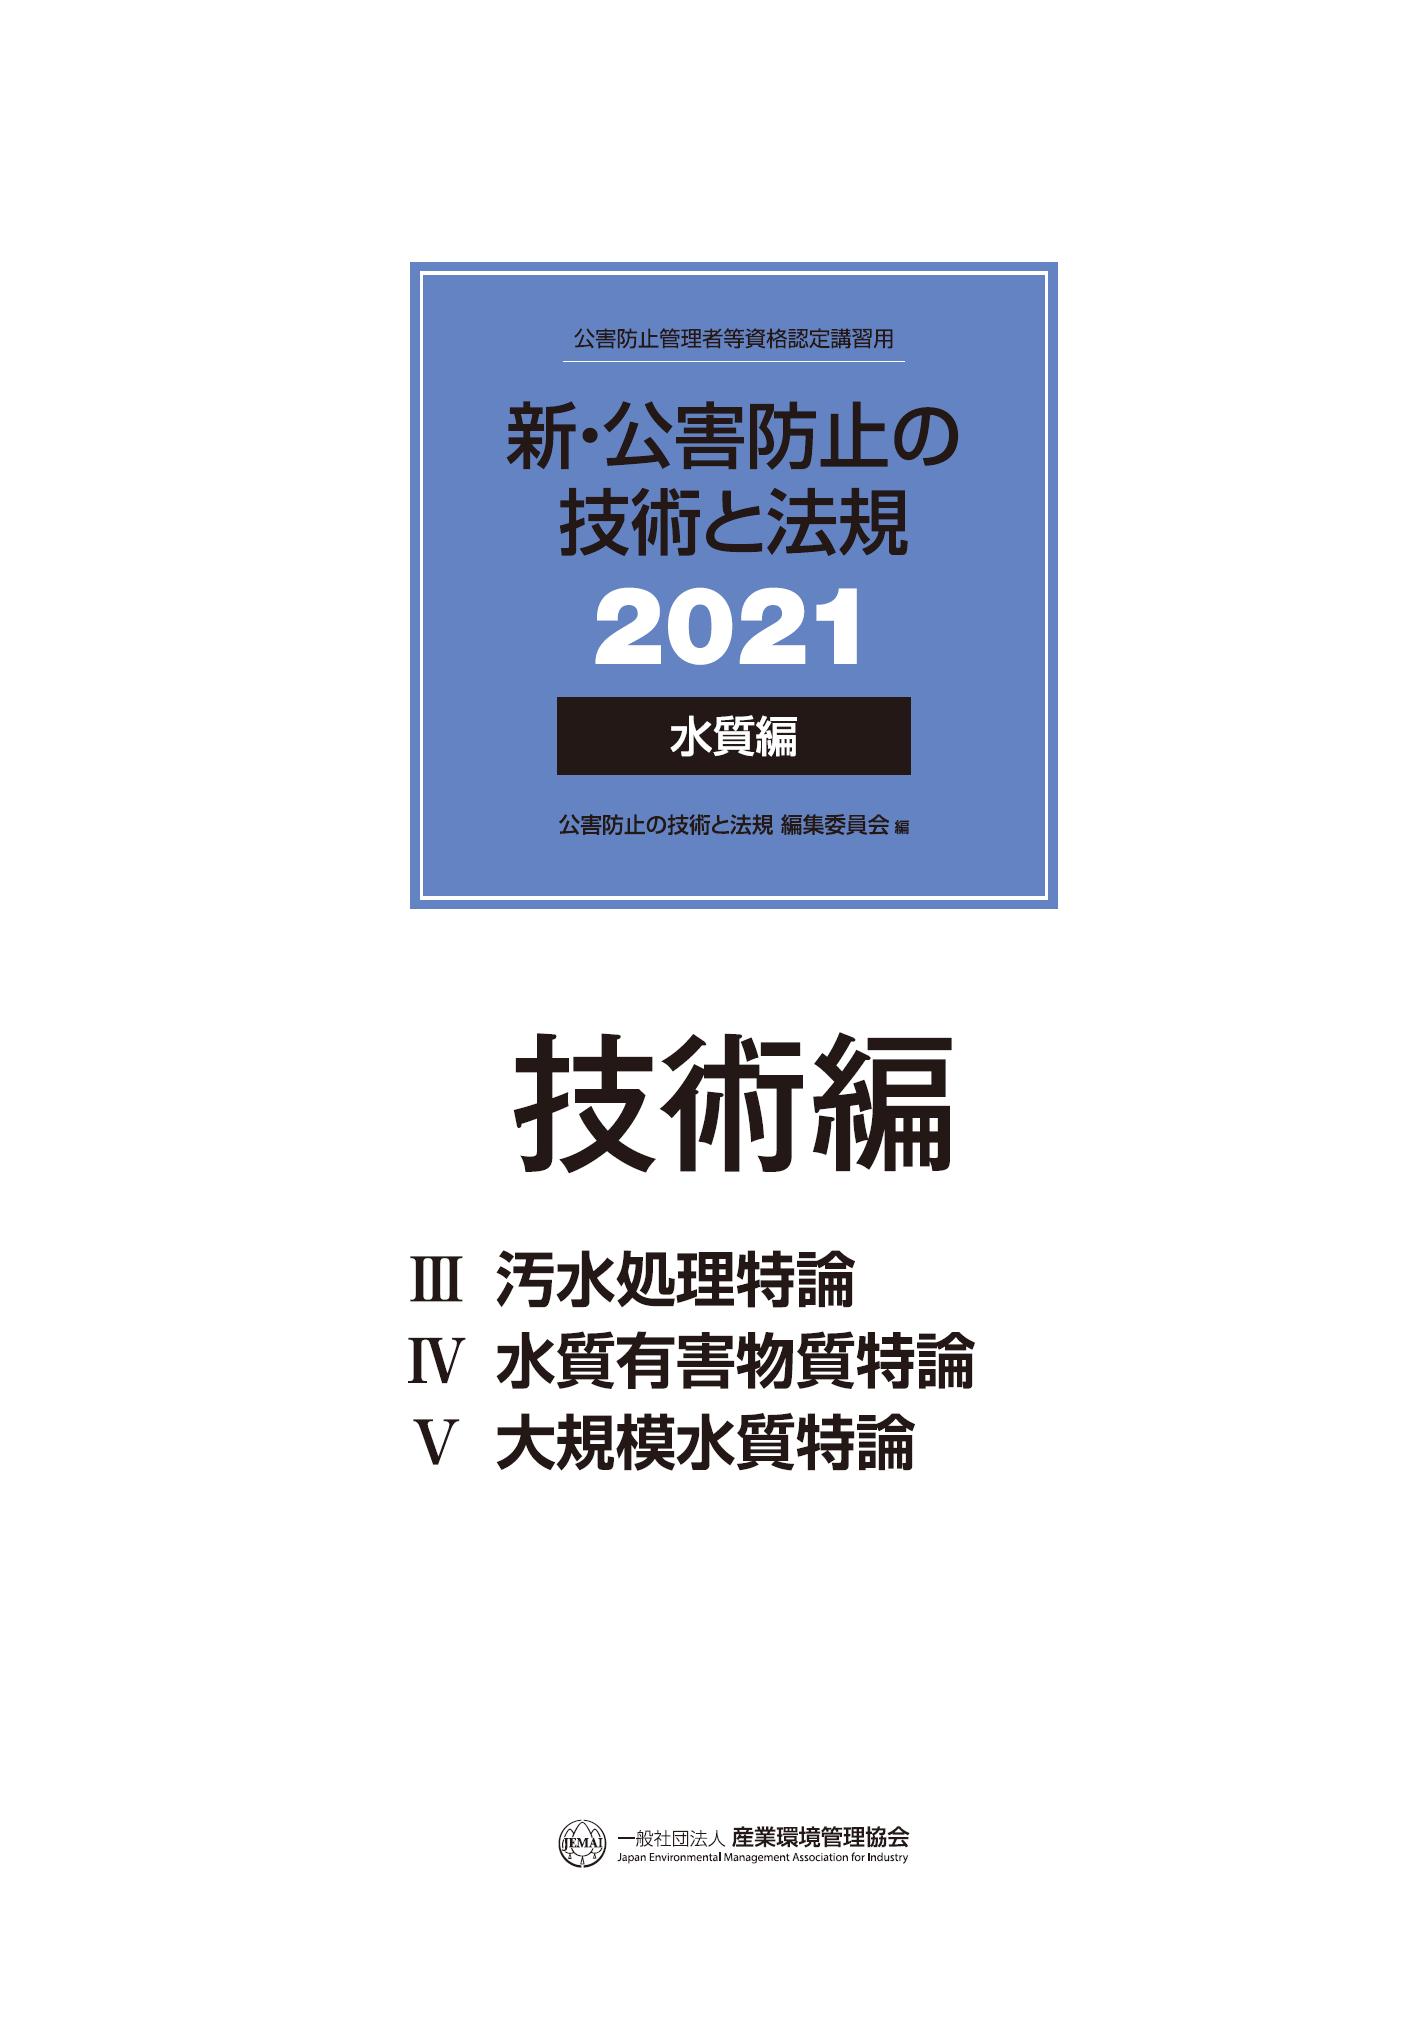 14_suishitsu-gijutsu2021.png